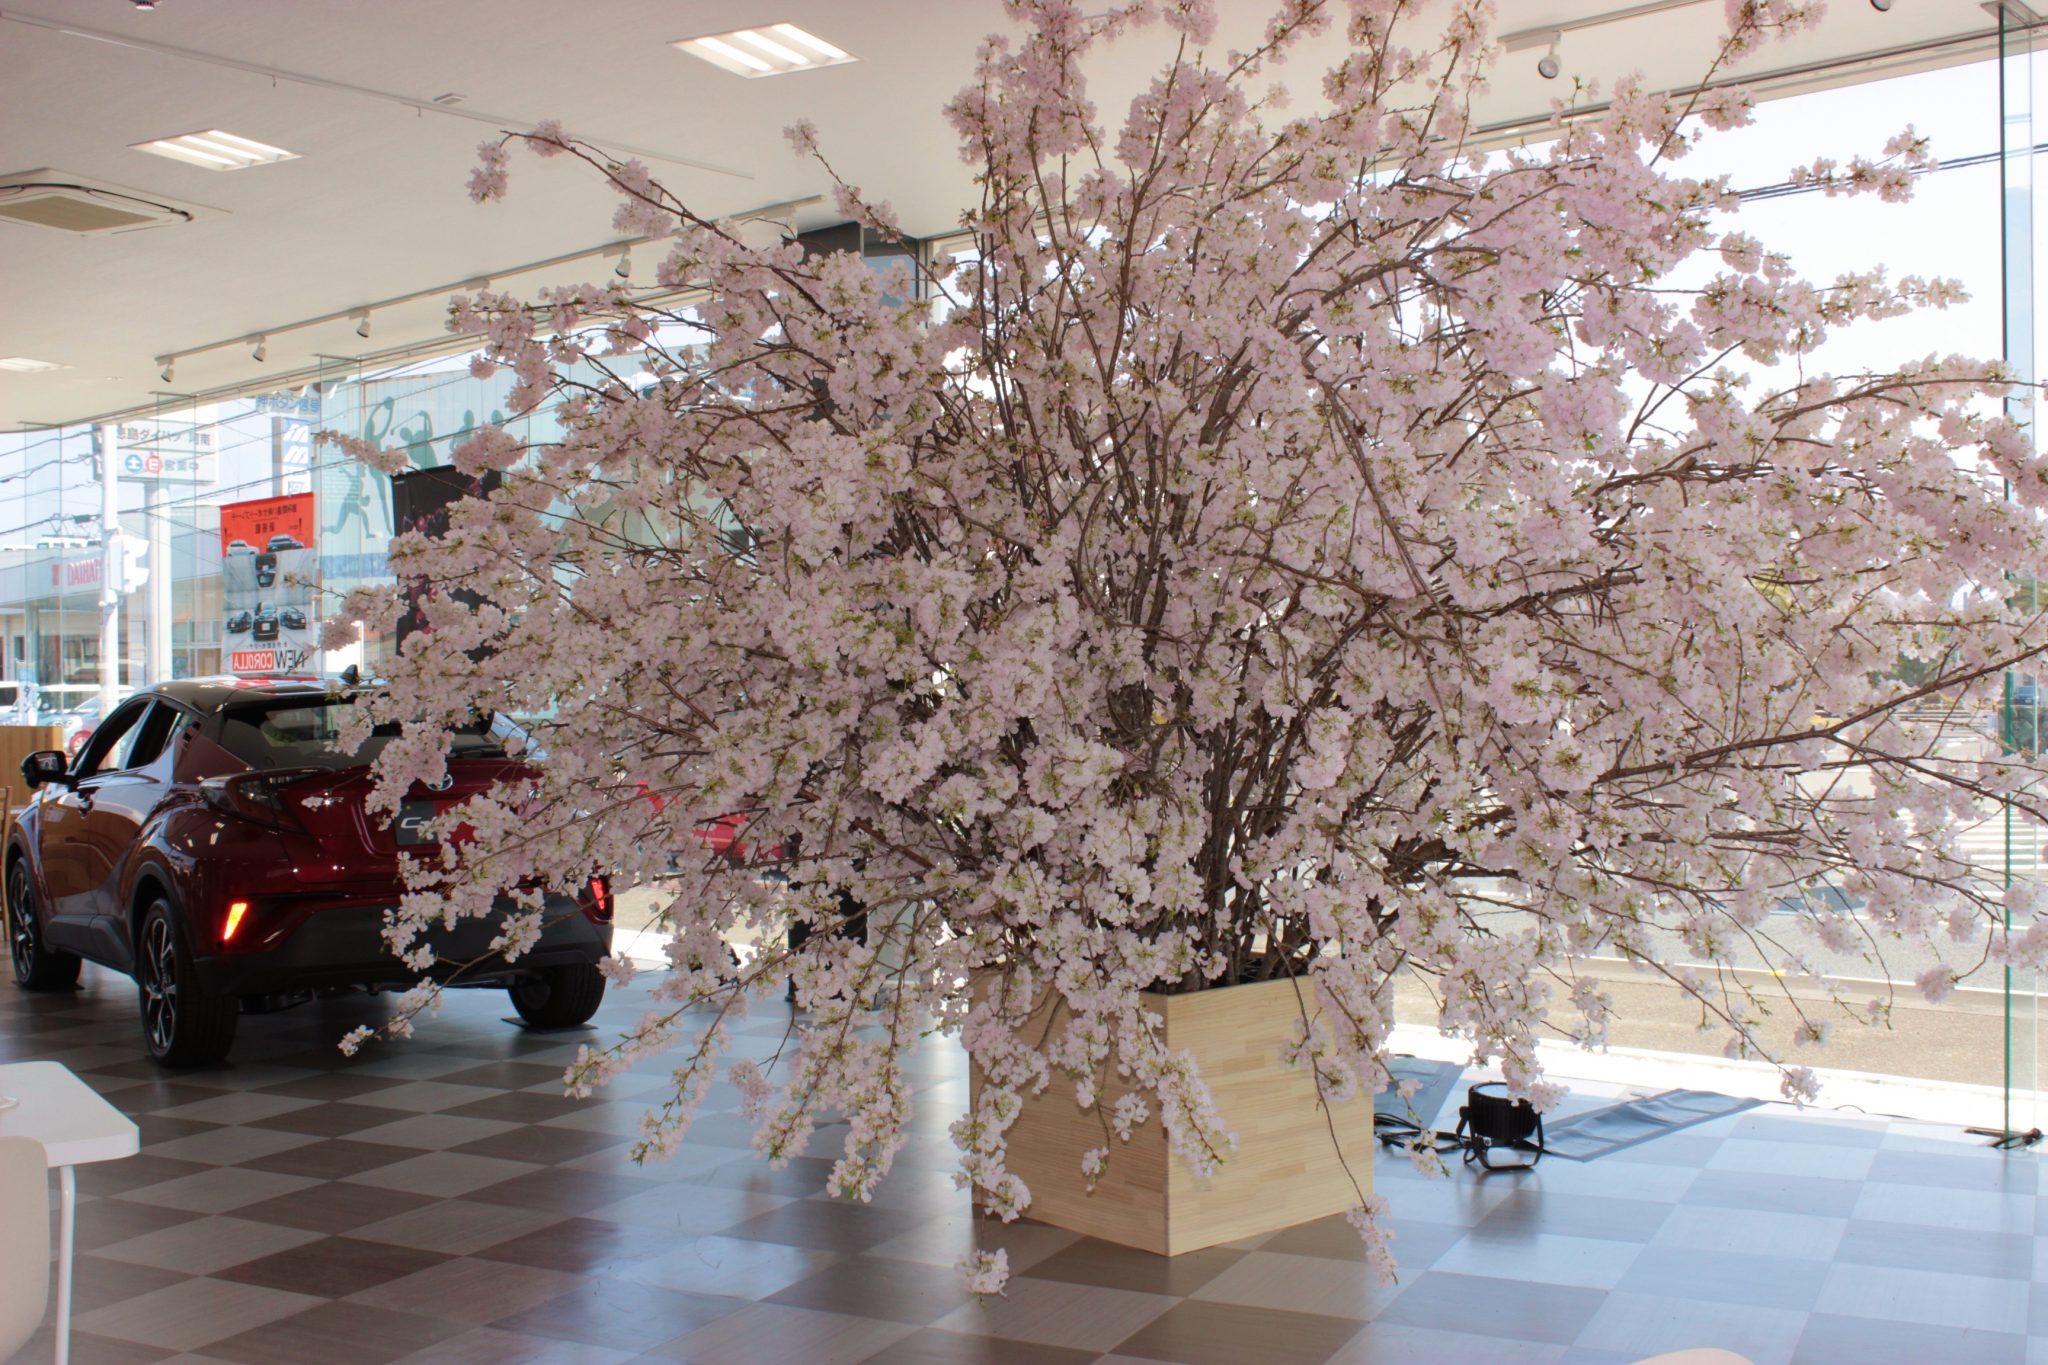 春爛漫! 桜前線がこんなところにも! ショールームに満開の桜が咲き誇る。ライトアップで夜桜見物も出来るぞ。